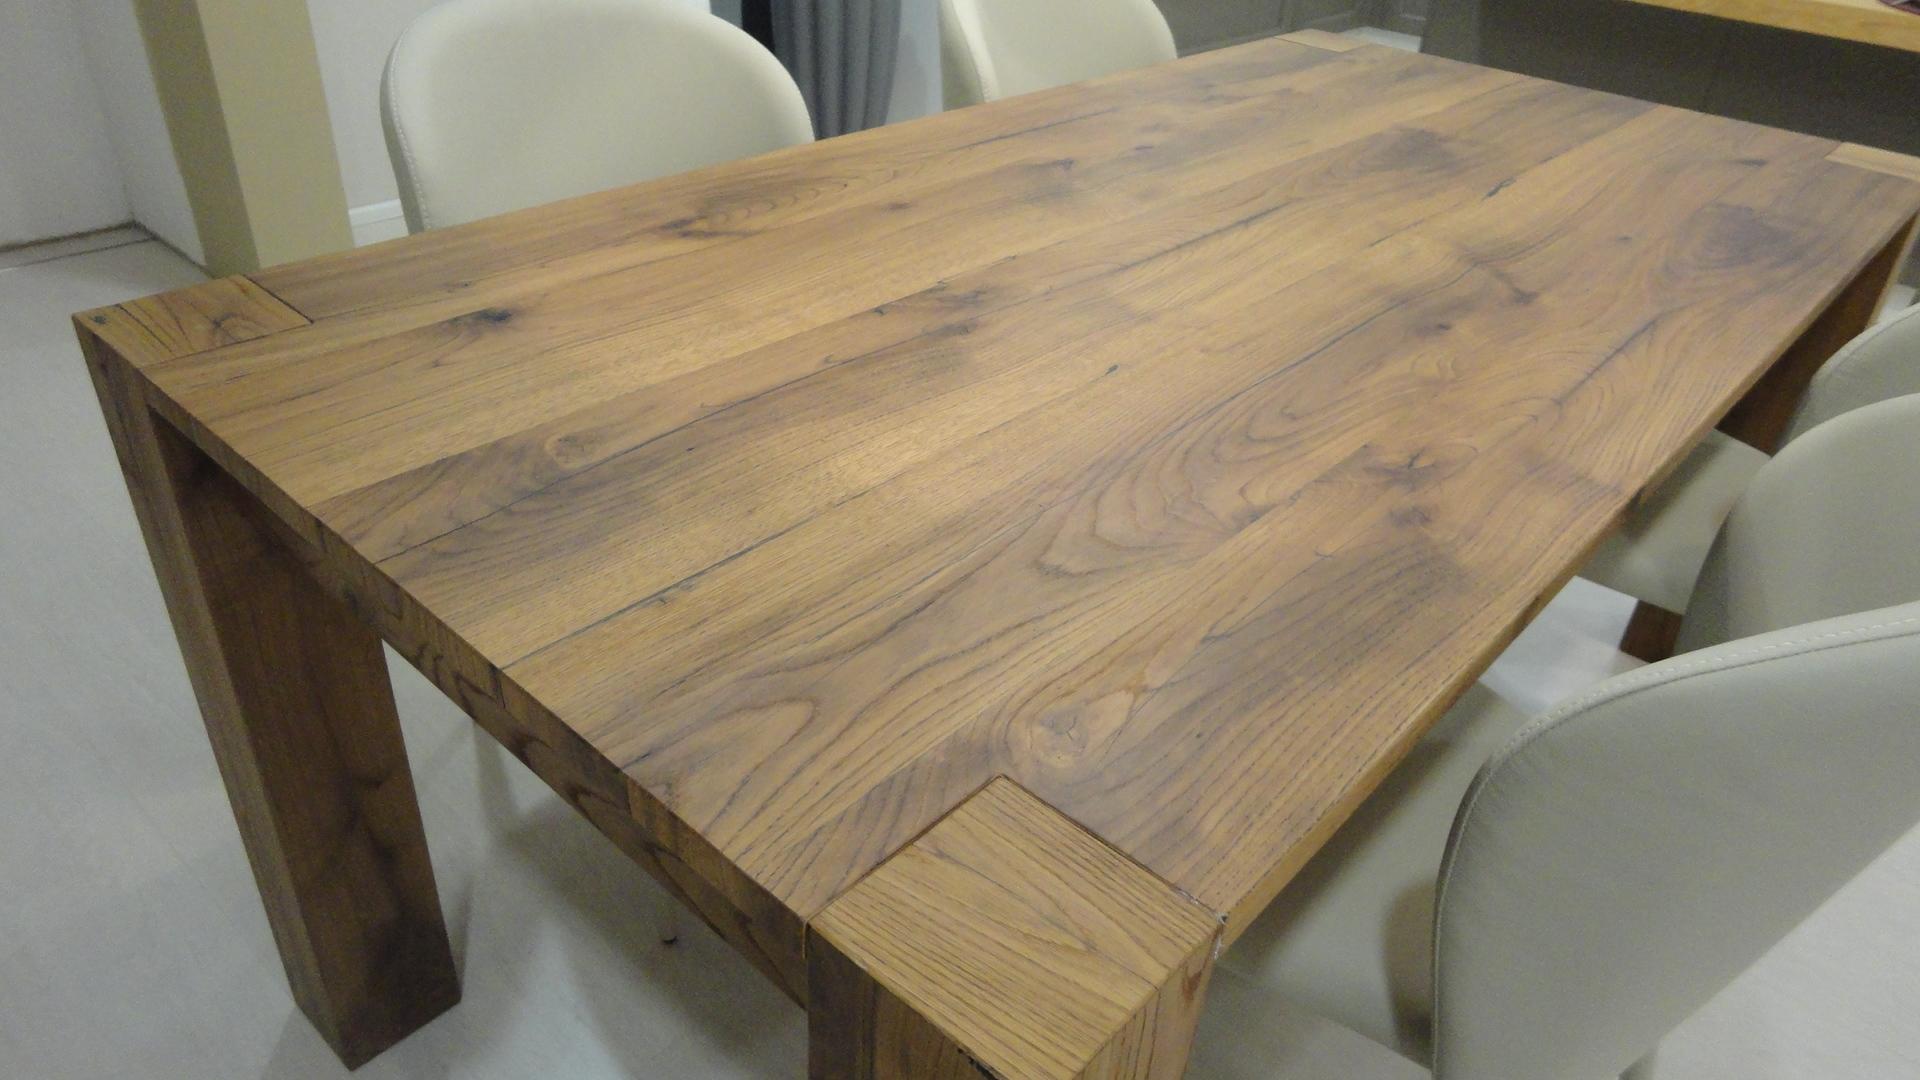 Tavolo clessidra nuova loggia scontato del 30 tavoli a prezzi scontati - Clessidra da tavolo ...